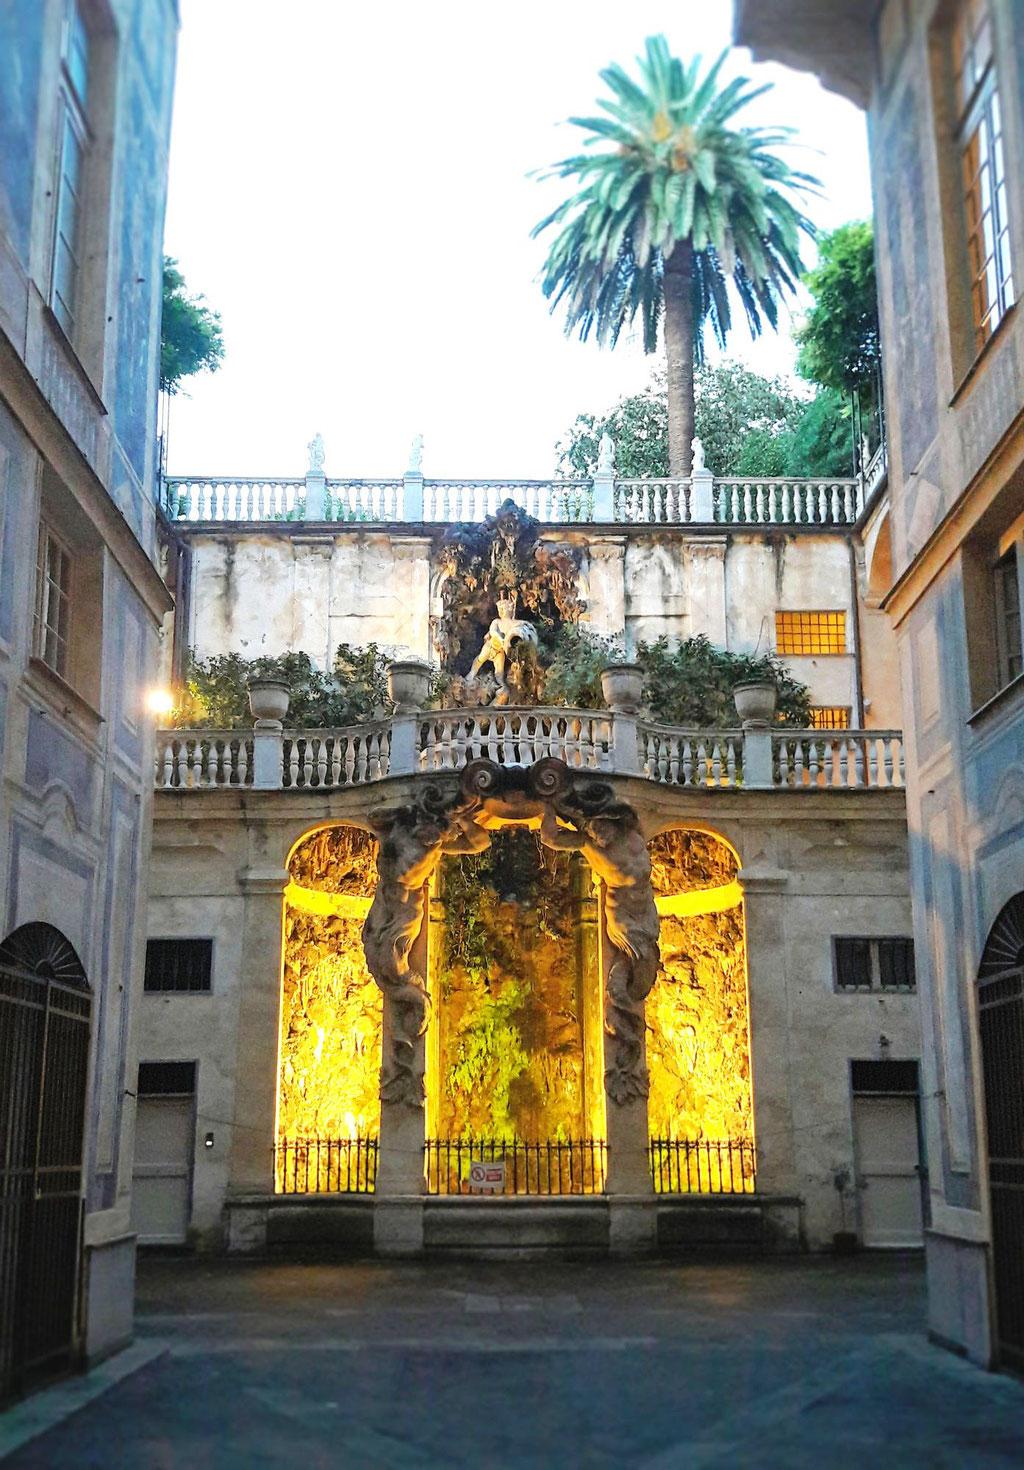 внутренние дворики - экскурсия по Генуе